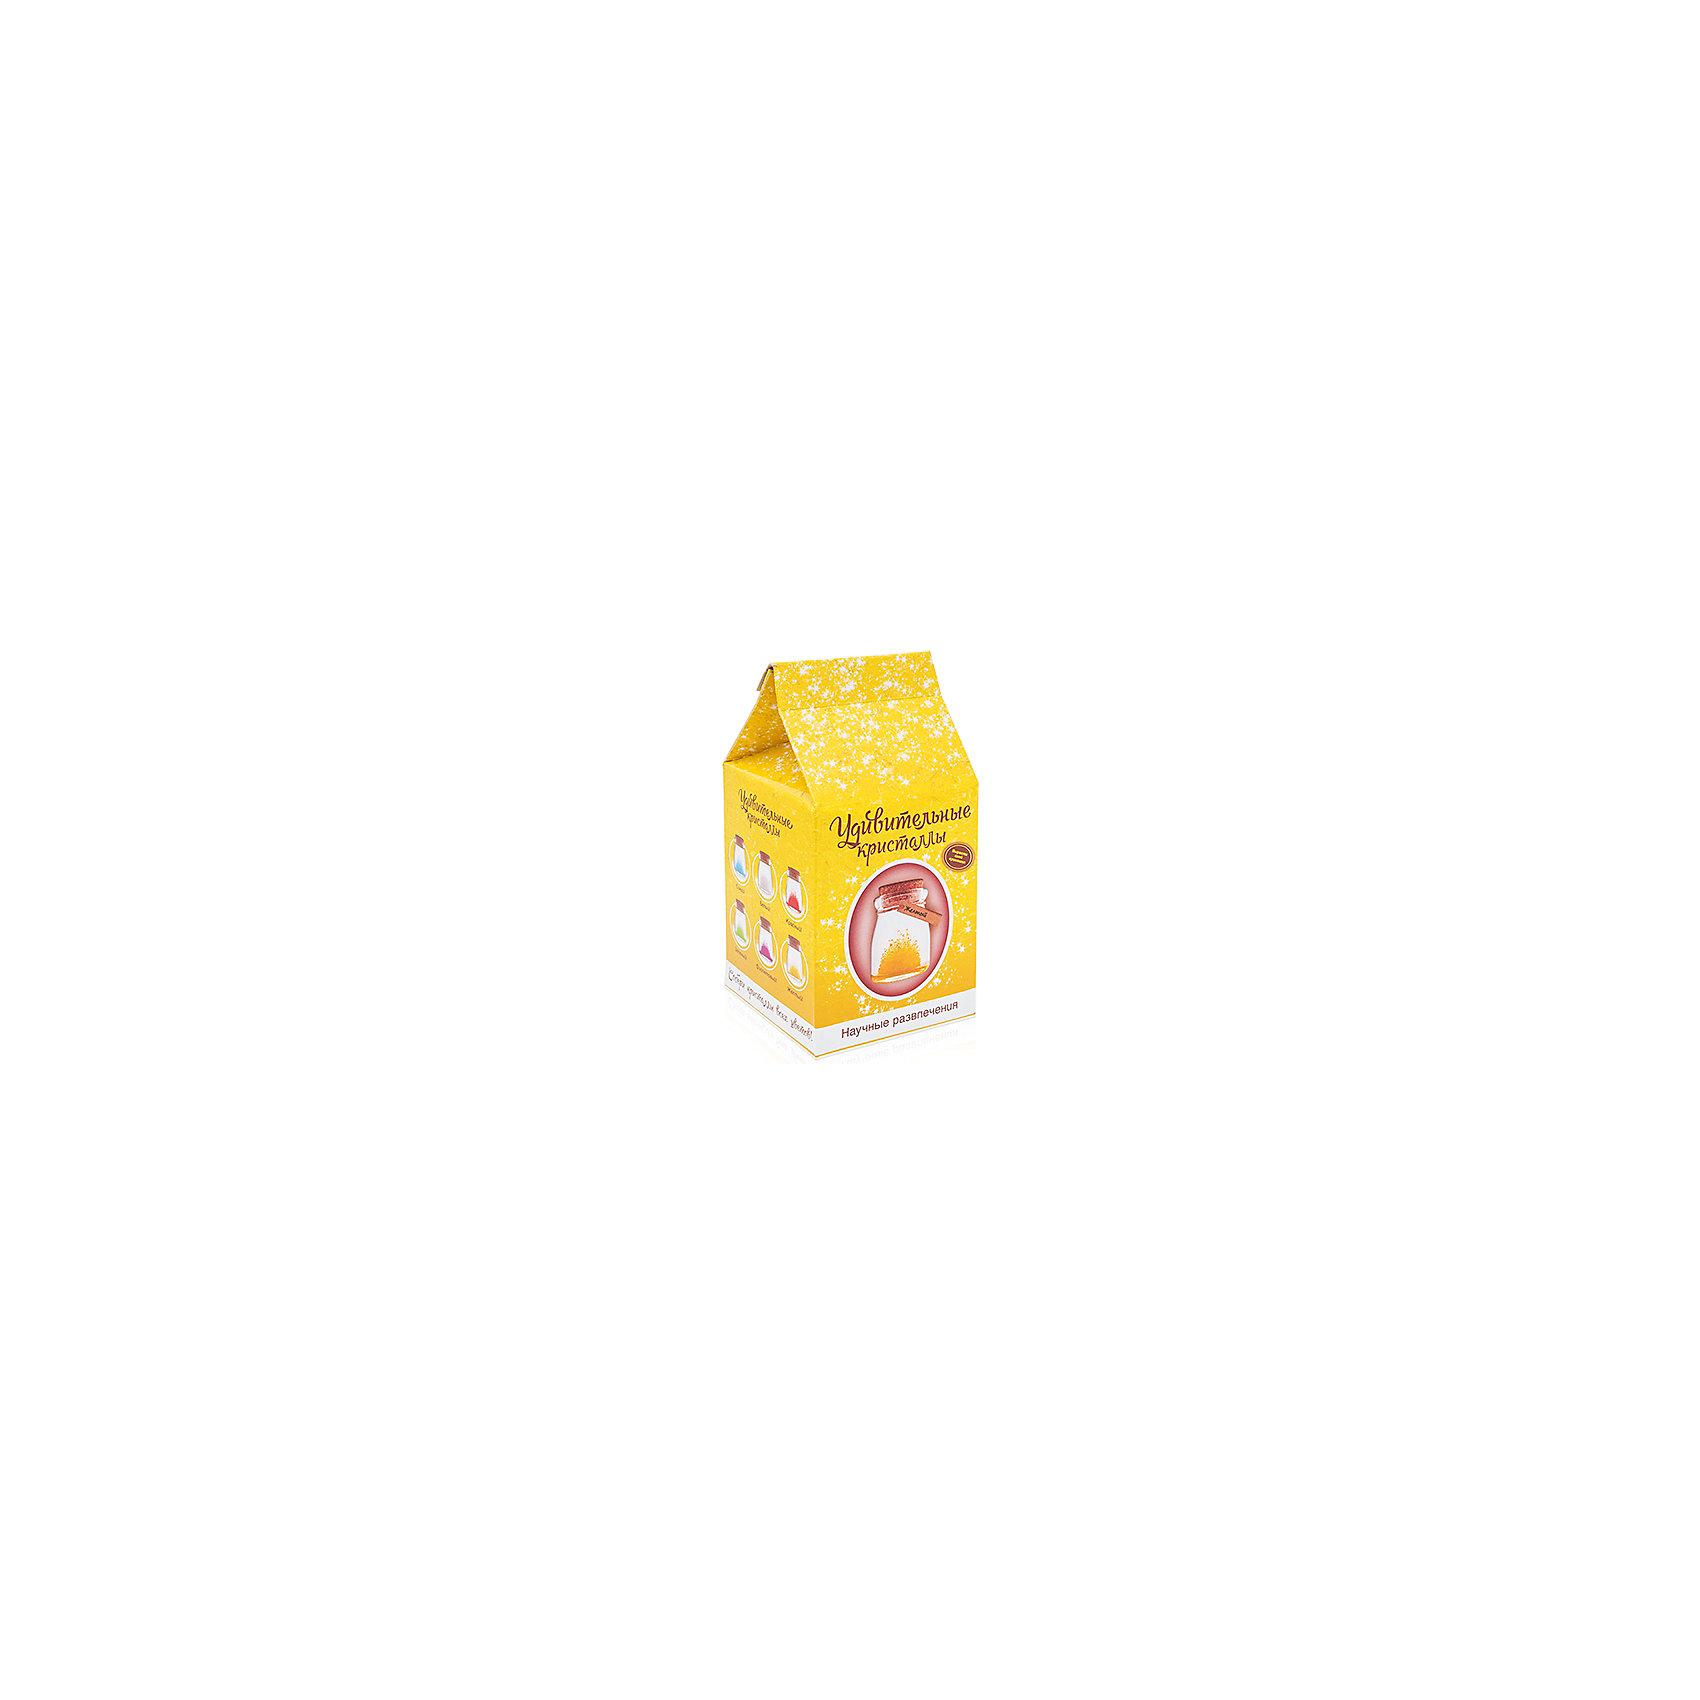 Набор для выращивания кристаллов Удивительный кристалл - Желтый БумбарамВыращивание кристаллов<br>Удивительный кристалл - Желтый, Бумбарам<br><br>Характеристики:<br><br>• прост в использовании<br>• пошаговая инструкция<br>• безопасные материалы<br>• привлекательная упаковка <br>• можно следить за процессом<br>• в наборе: баночка, кристаллический порошок, кристаллическая таблетка, палочка, веревочка, пробка, карточка, инструкция<br>• размер упаковки: 15х8 см<br>• вес: 250 грамм<br>• цвет: синий<br><br>Удивительный кристалл - набор для творчества. Он хорошо развивает усидчивость и внимательность. С его помощью ребенок сможет сделать прекрасный подарок своими руками. Инструкция очень проста: нужно налить воды в баночку, добавить в нее порошок и тщательно перемешать. Затем положить волшебную таблетку и закрыть баночку крышкой. Через несколько часов можно снять крышку. Через 14-20 дней волшебный кристалл готов! Готовая композиция особенно красиво смотрится под лампой. Удивительный кристалл - прекрасный выбор для начинающего алхимика!<br><br>Удивительный кристалл - Желтый, Бумбарам вы можете приобрести в нашем интернет-магазине.<br><br>Ширина мм: 75<br>Глубина мм: 75<br>Высота мм: 150<br>Вес г: 250<br>Возраст от месяцев: 168<br>Возраст до месяцев: 240<br>Пол: Унисекс<br>Возраст: Детский<br>SKU: 5053955